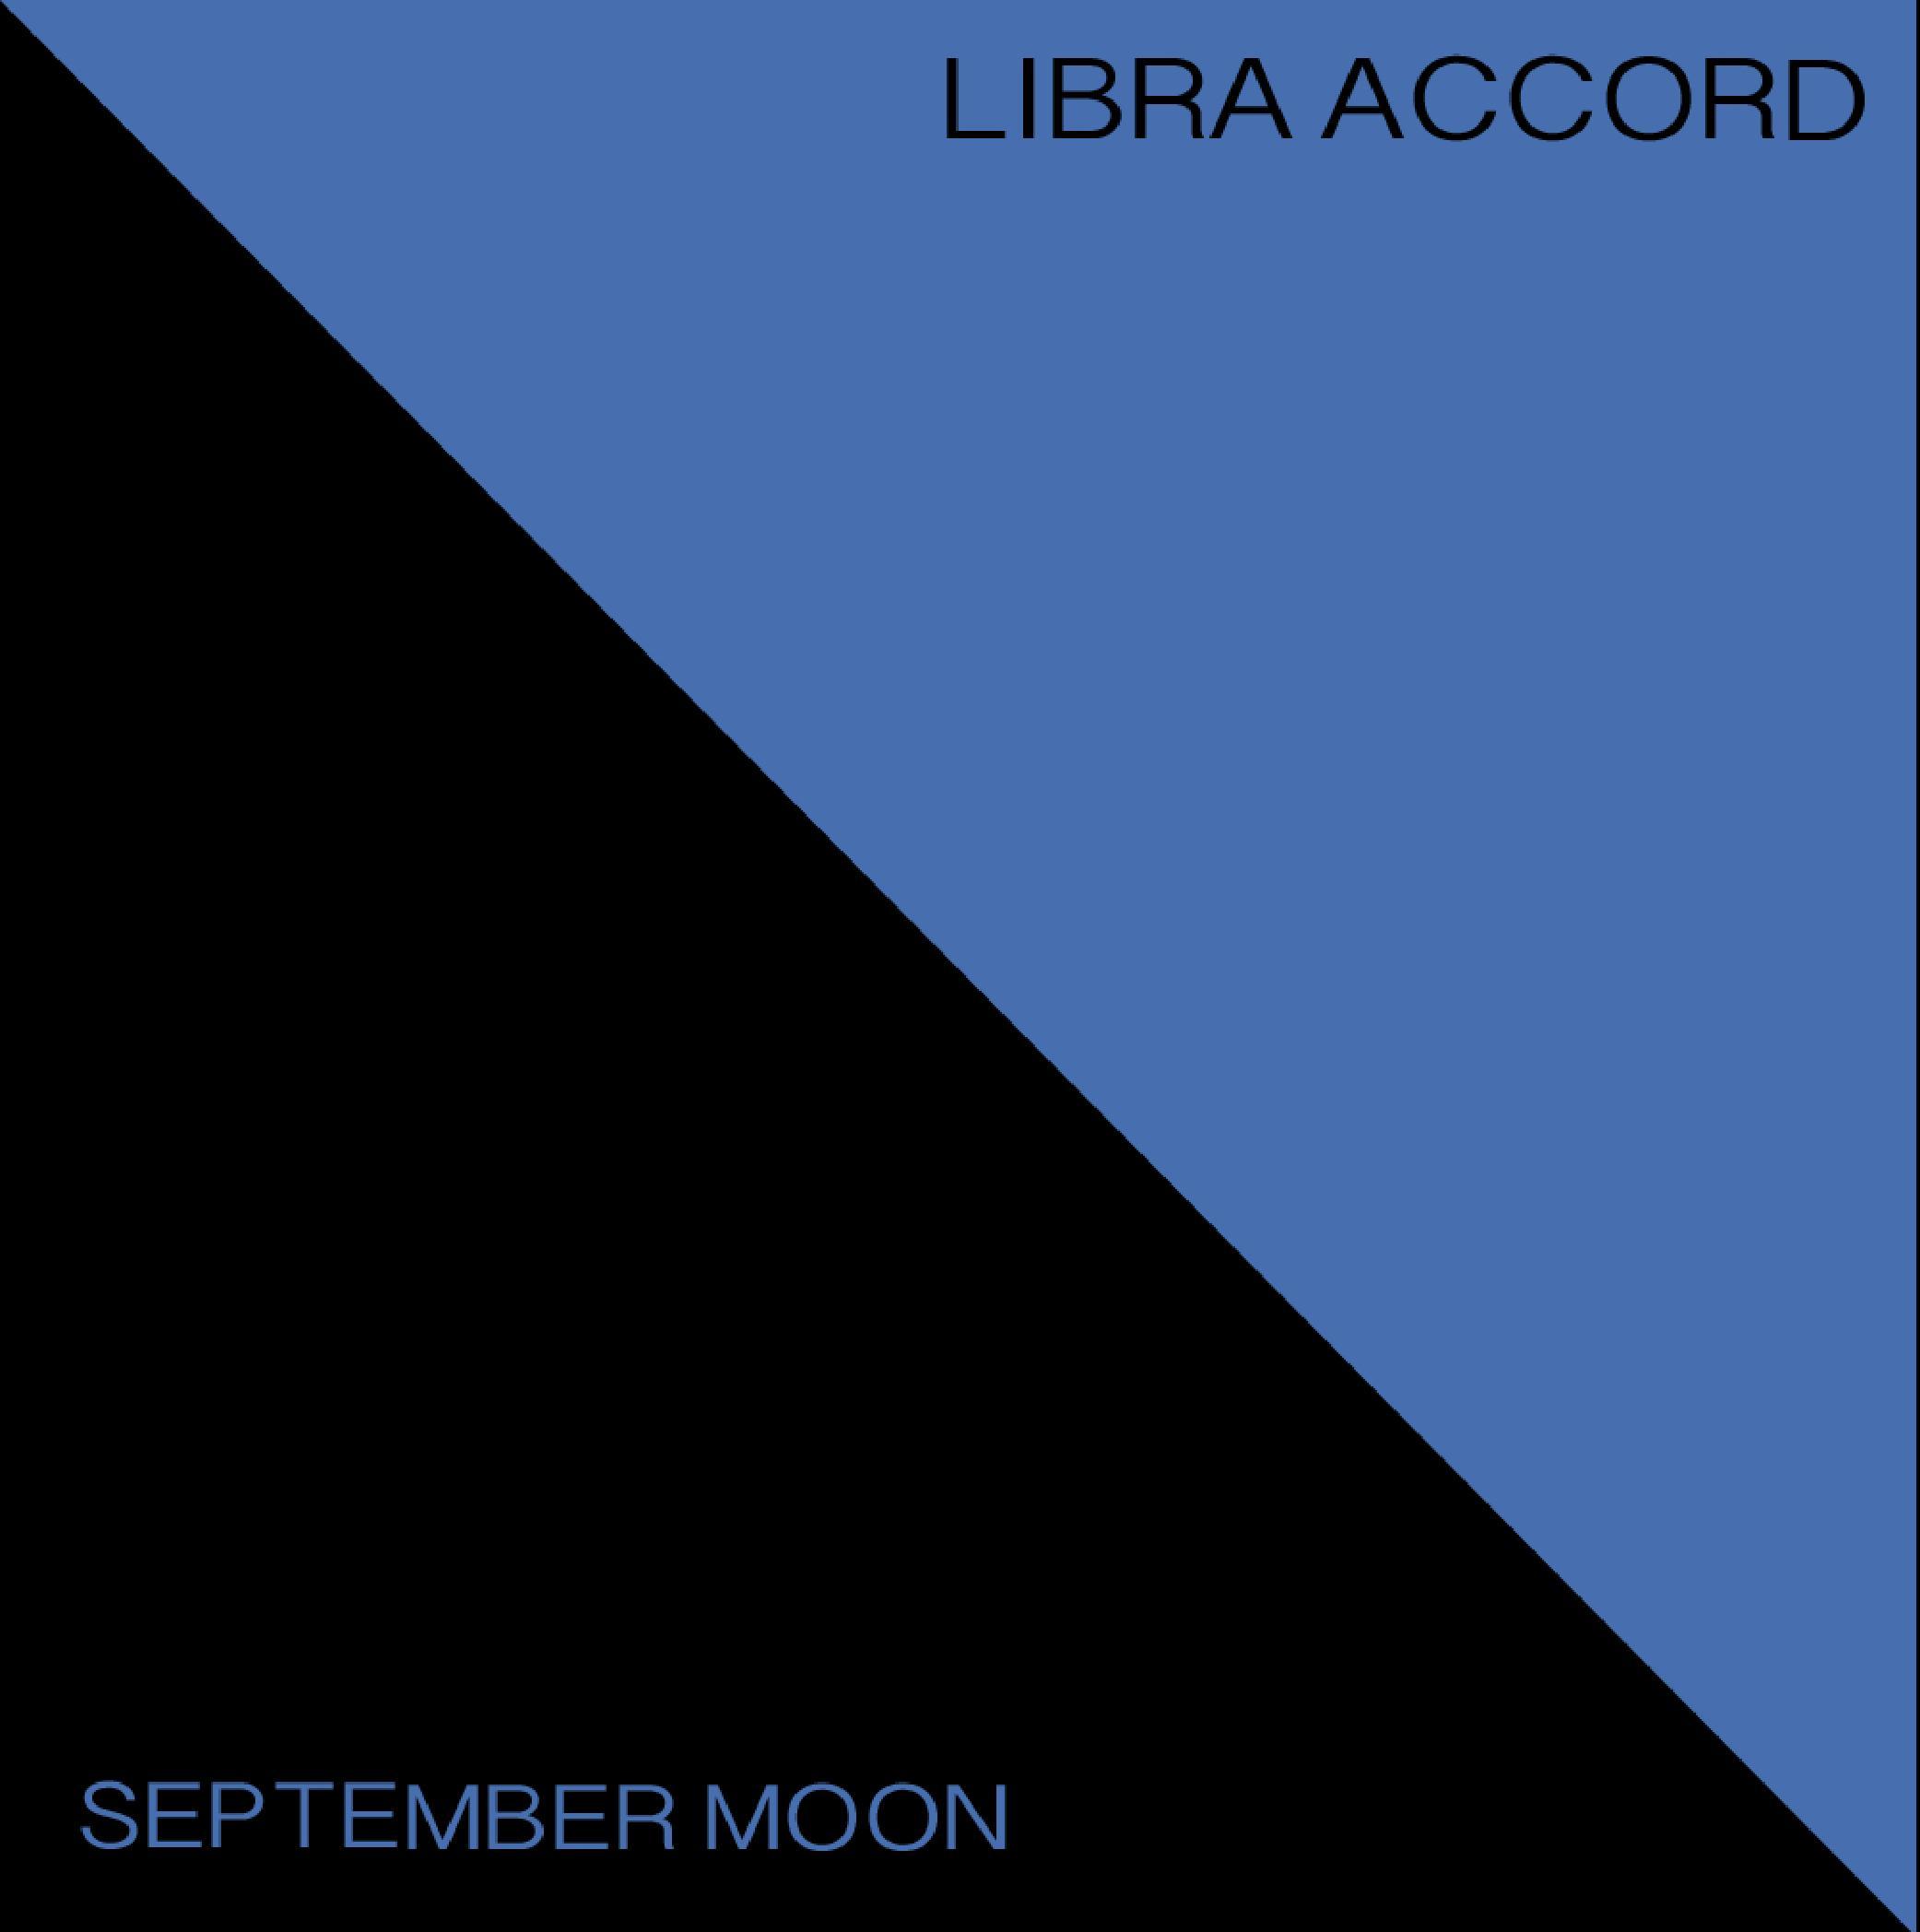 Libra Accord